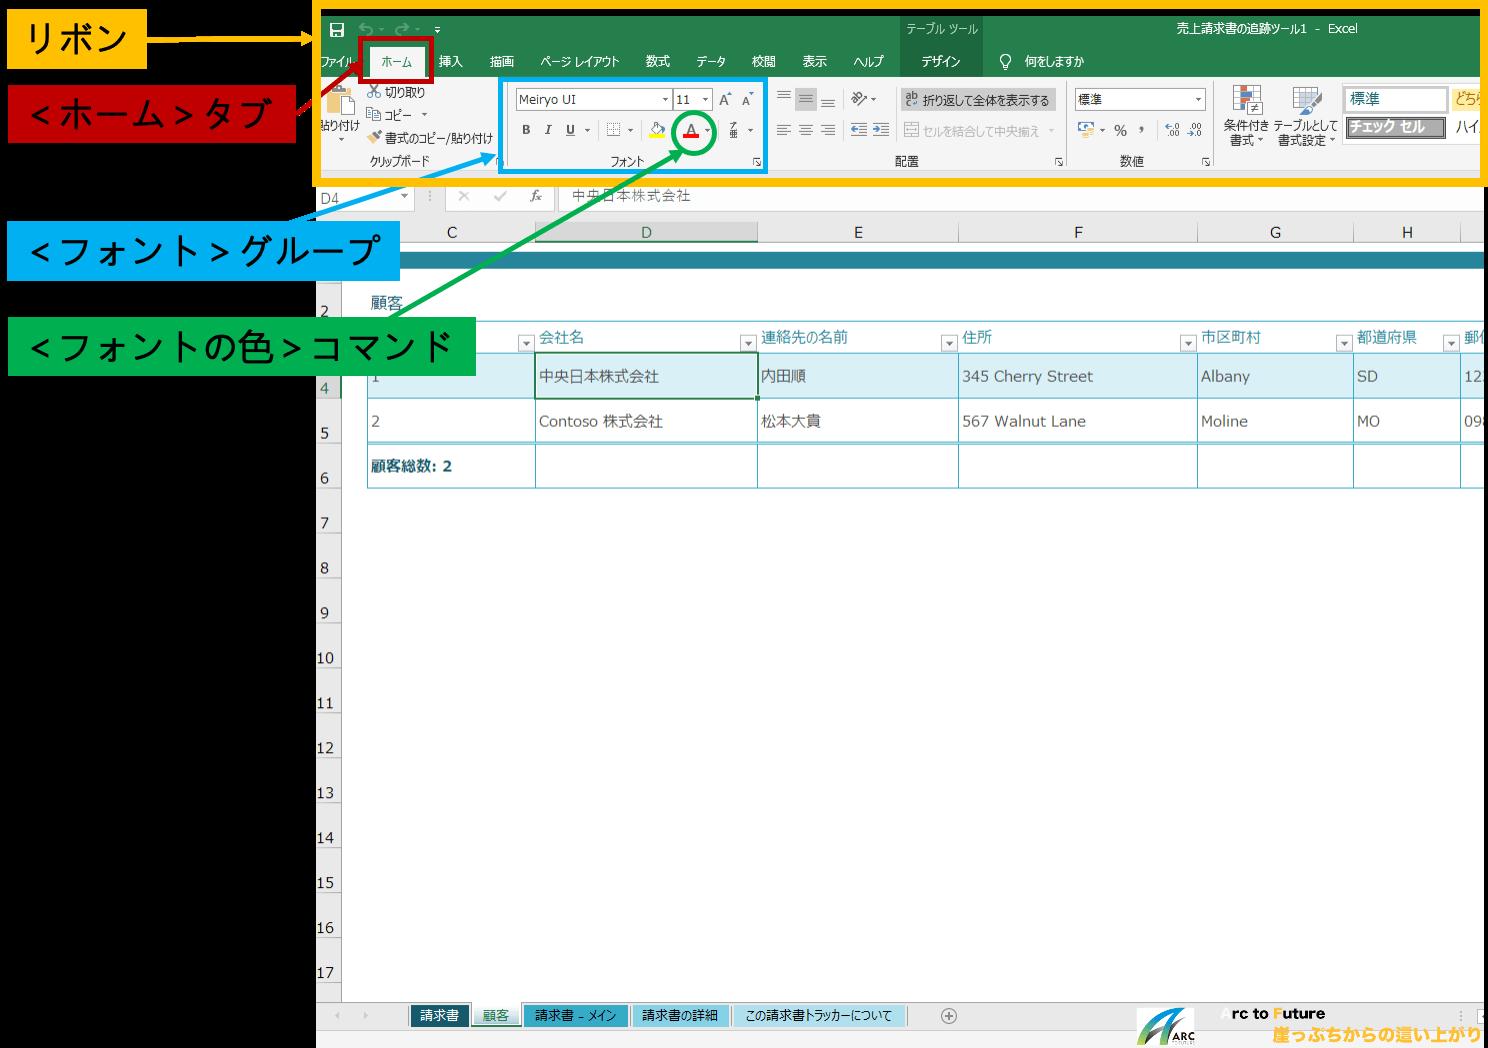 Excelのリボン、タブ、グループ、コマンドの説明